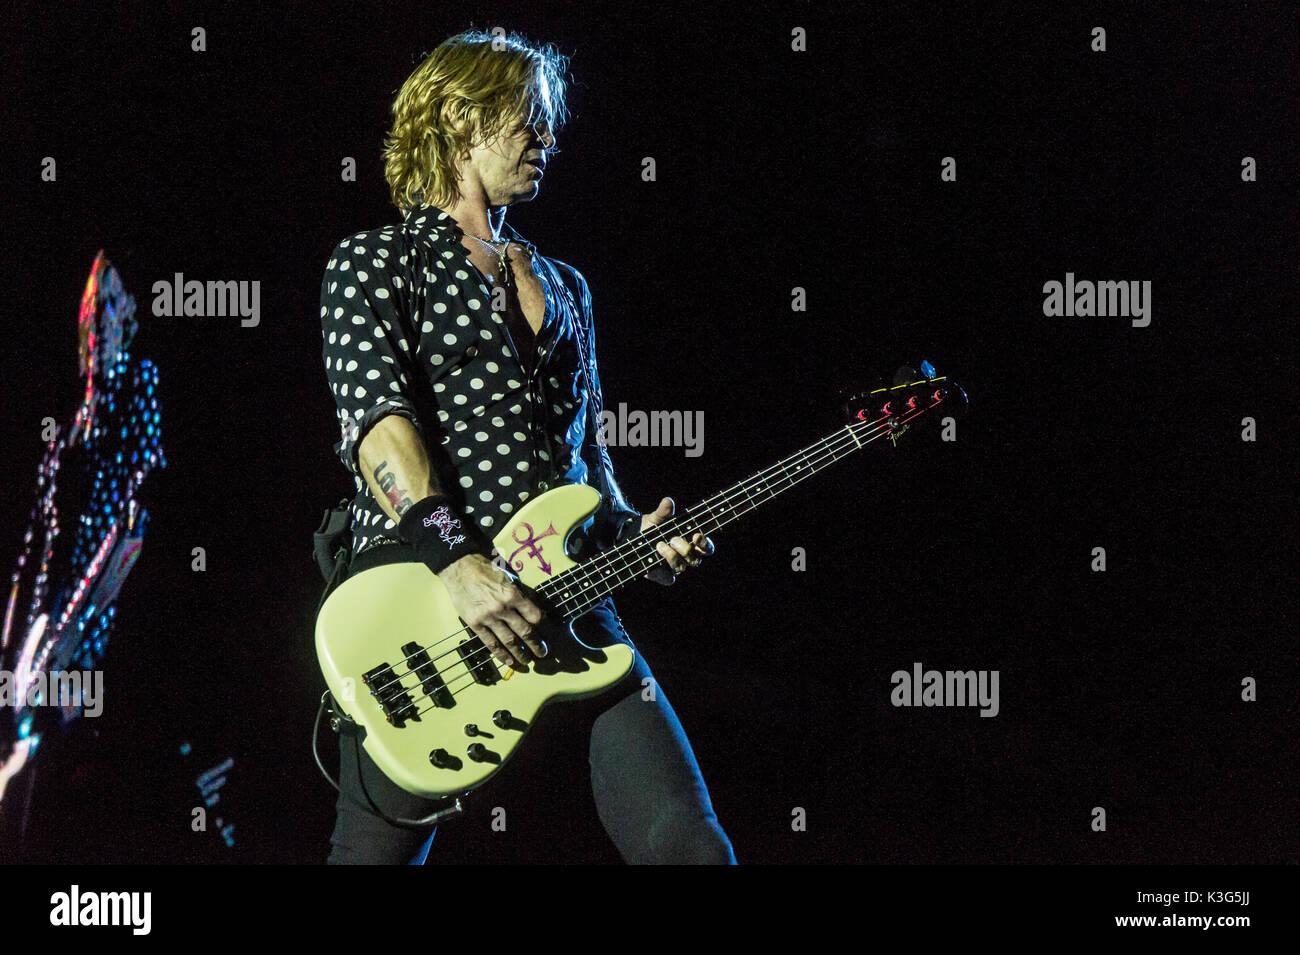 """Vancouver, Canadá. 1 Sep, 2017. Banda estadounidense de rock Guns N' Roses durante la realización de su """"No en esta vida gira en el BC Place Stadium de Vancouver, BC, Canadá. Crédito: Jamie Taylor/Alamy Live News. Imagen De Stock"""